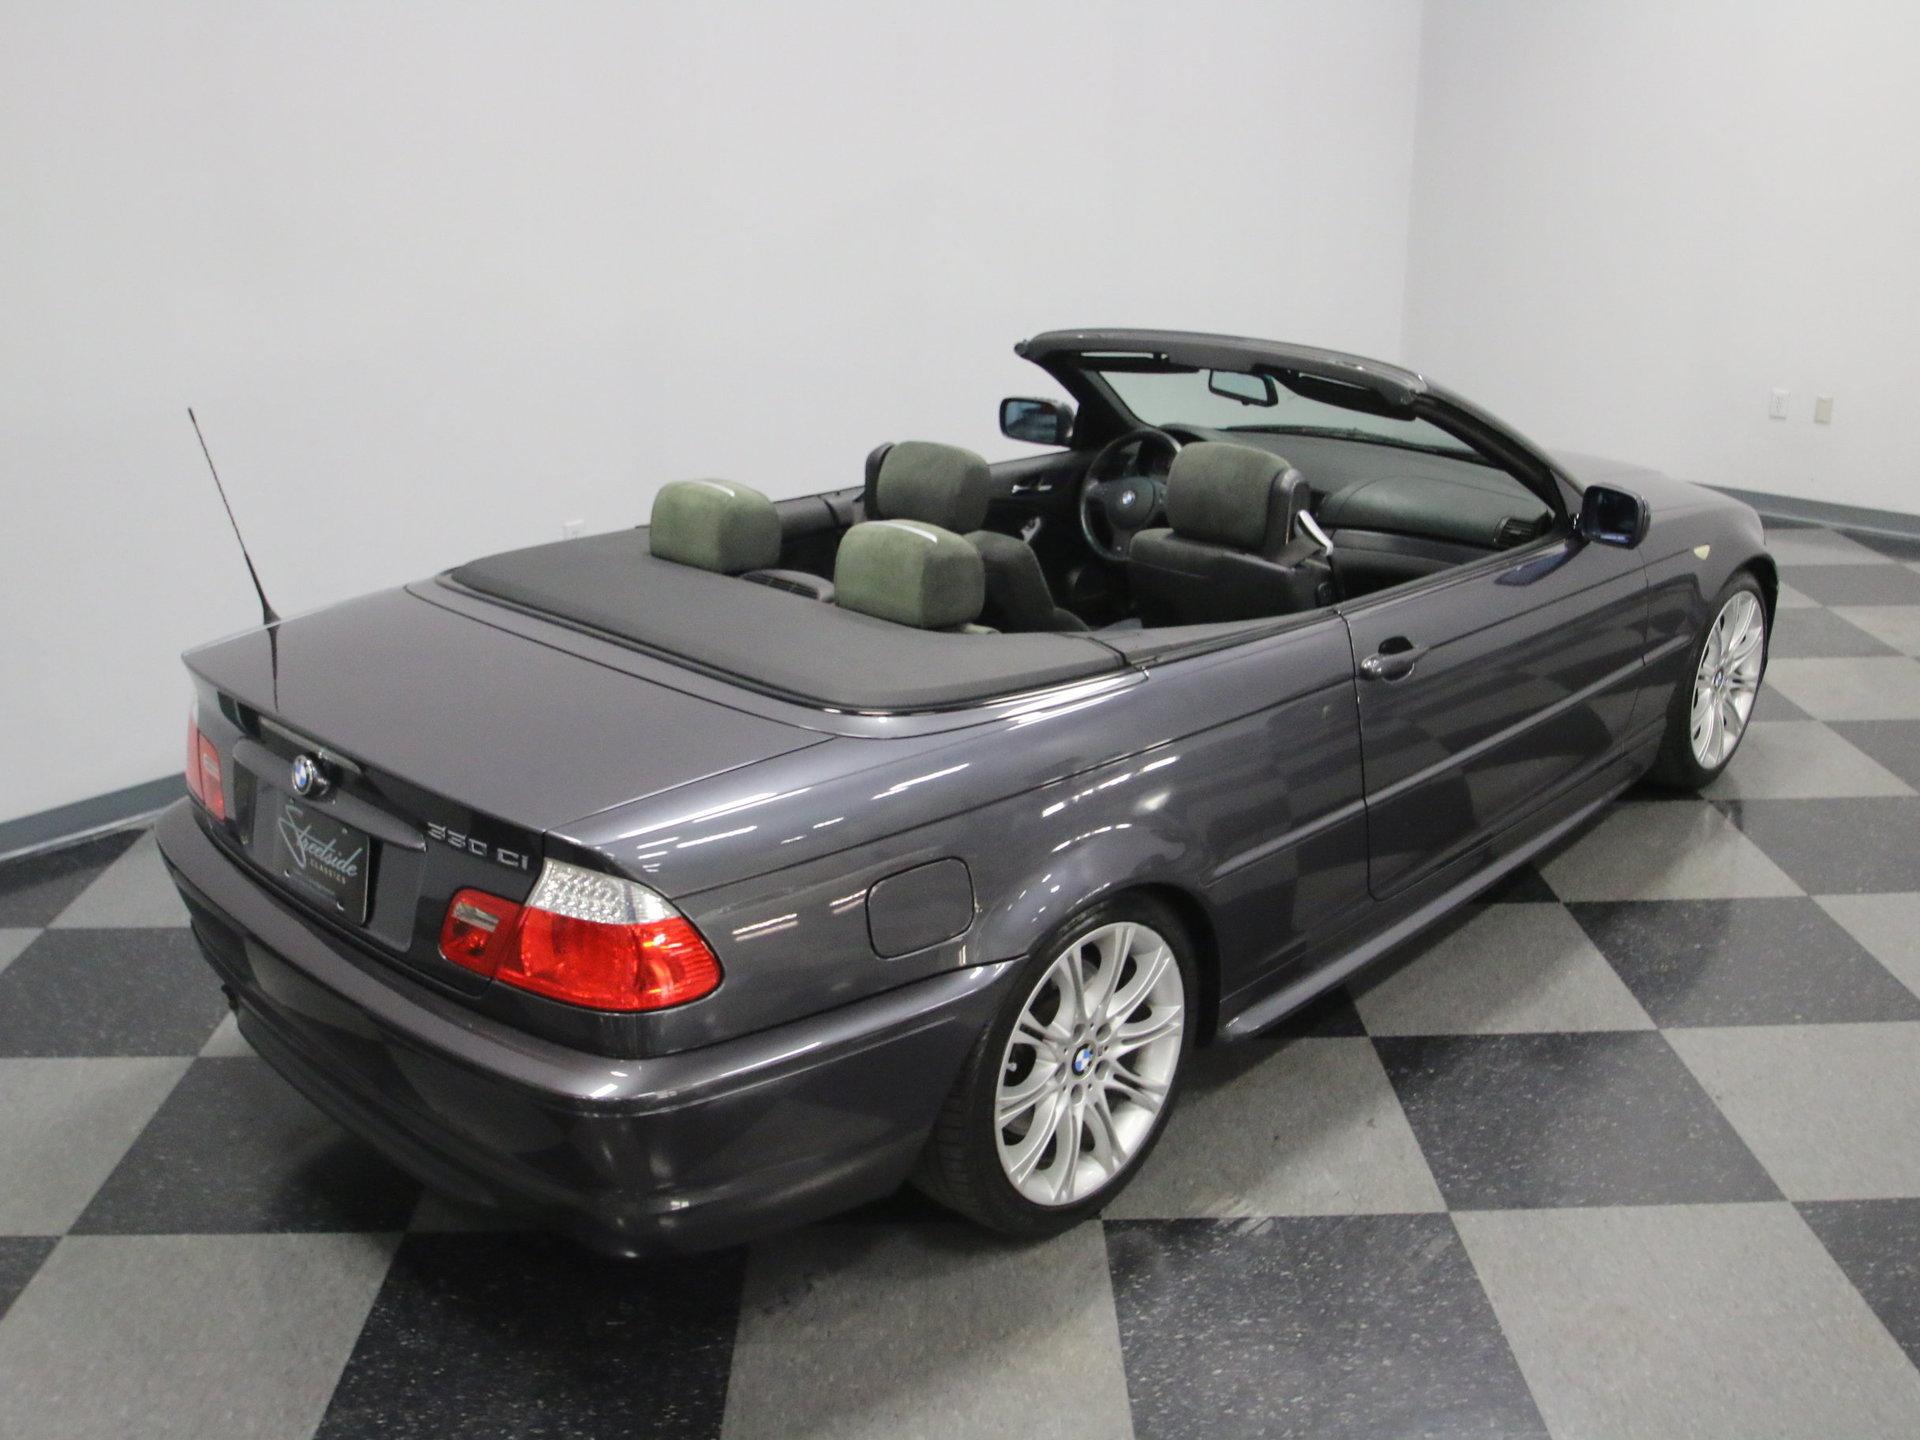 2006 Bmw 330ci Zhp For Sale 68415 Mcg